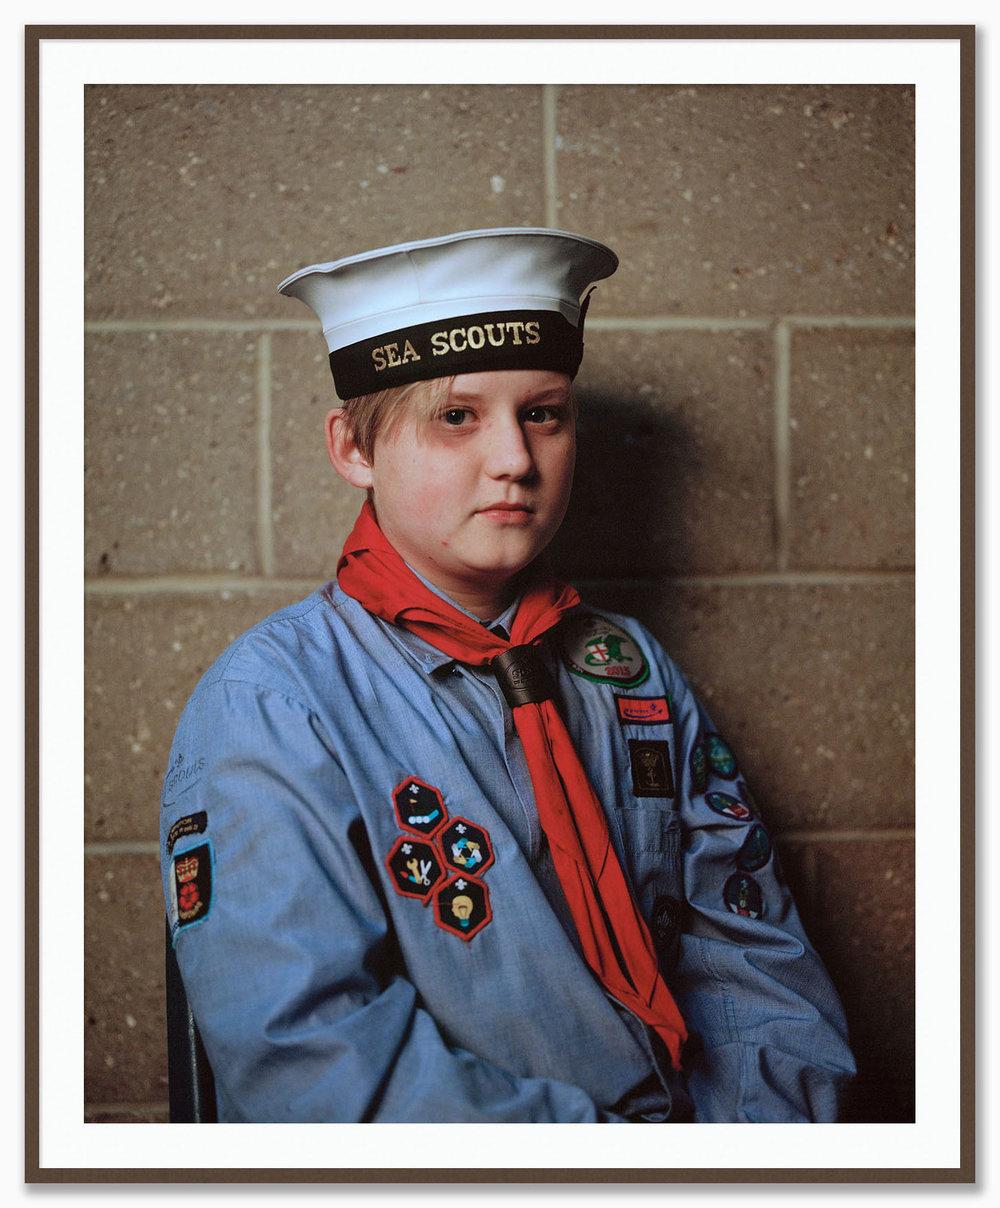 Untitled III. Sea Scout. England. Izzy de Wattripont _Mat_Walnut.jpg